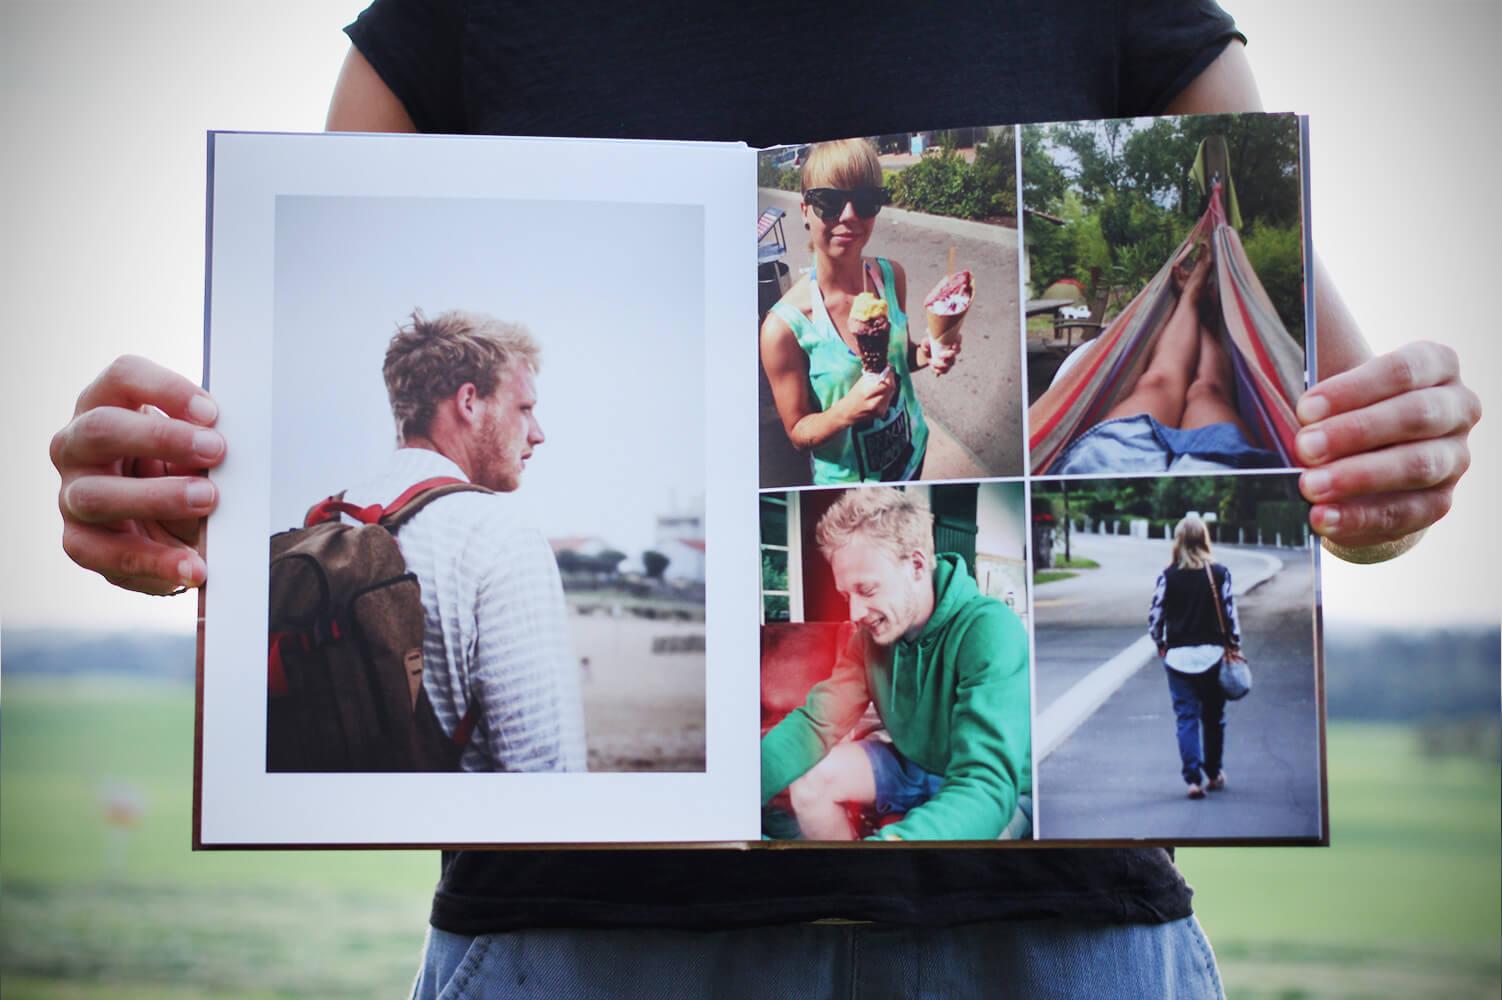 5 tipps f r dein perfektes urlaubs fotobuch fotopremio for Fotobuch ideen